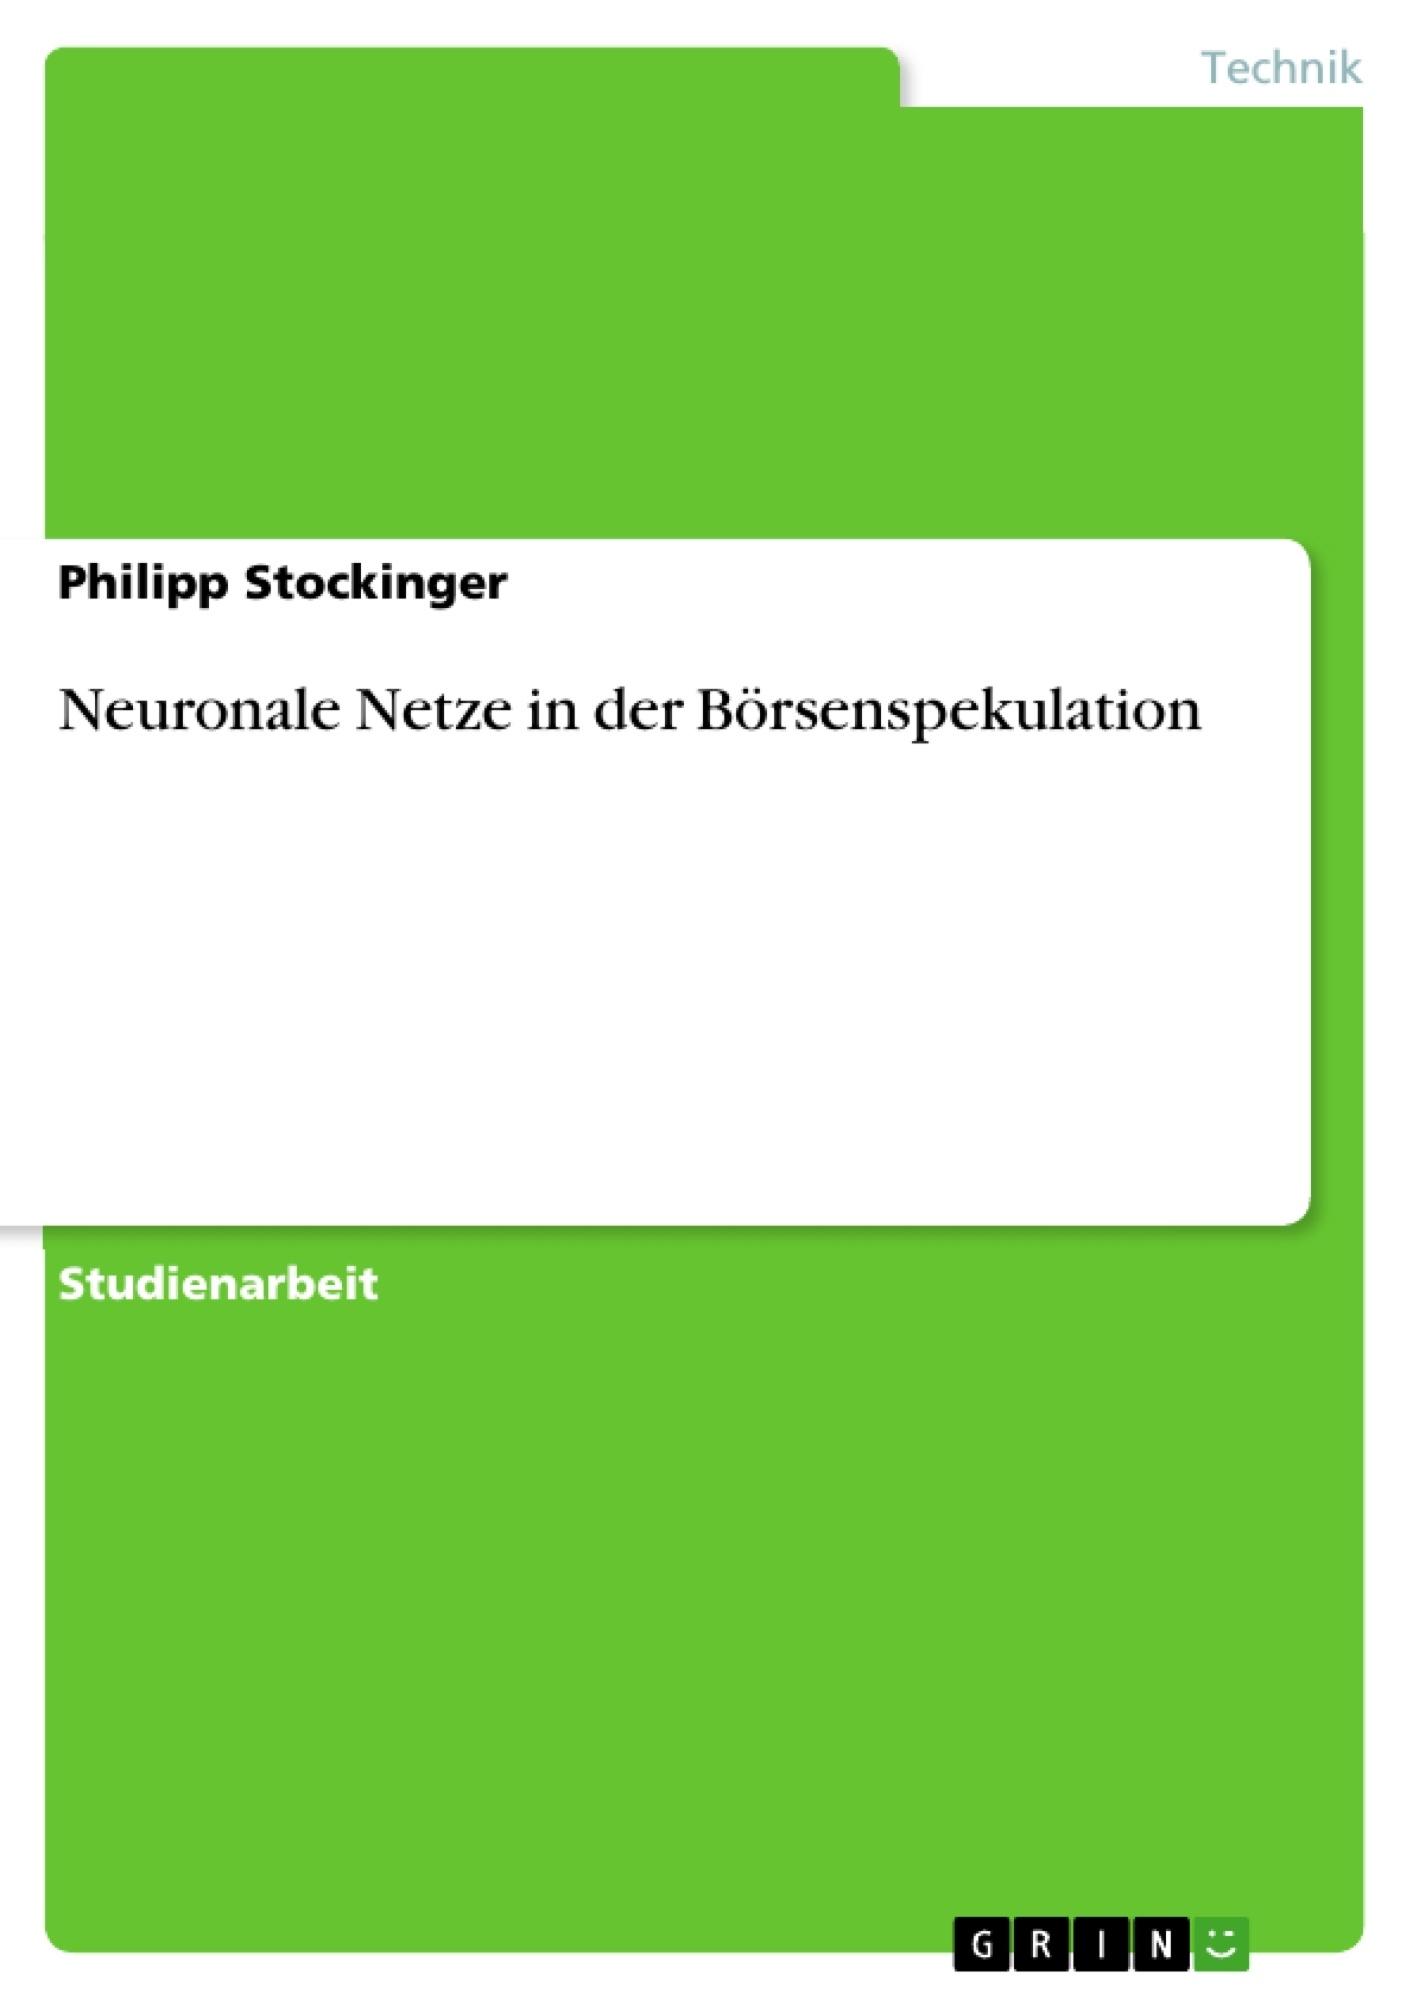 Titel: Neuronale Netze in der Börsenspekulation